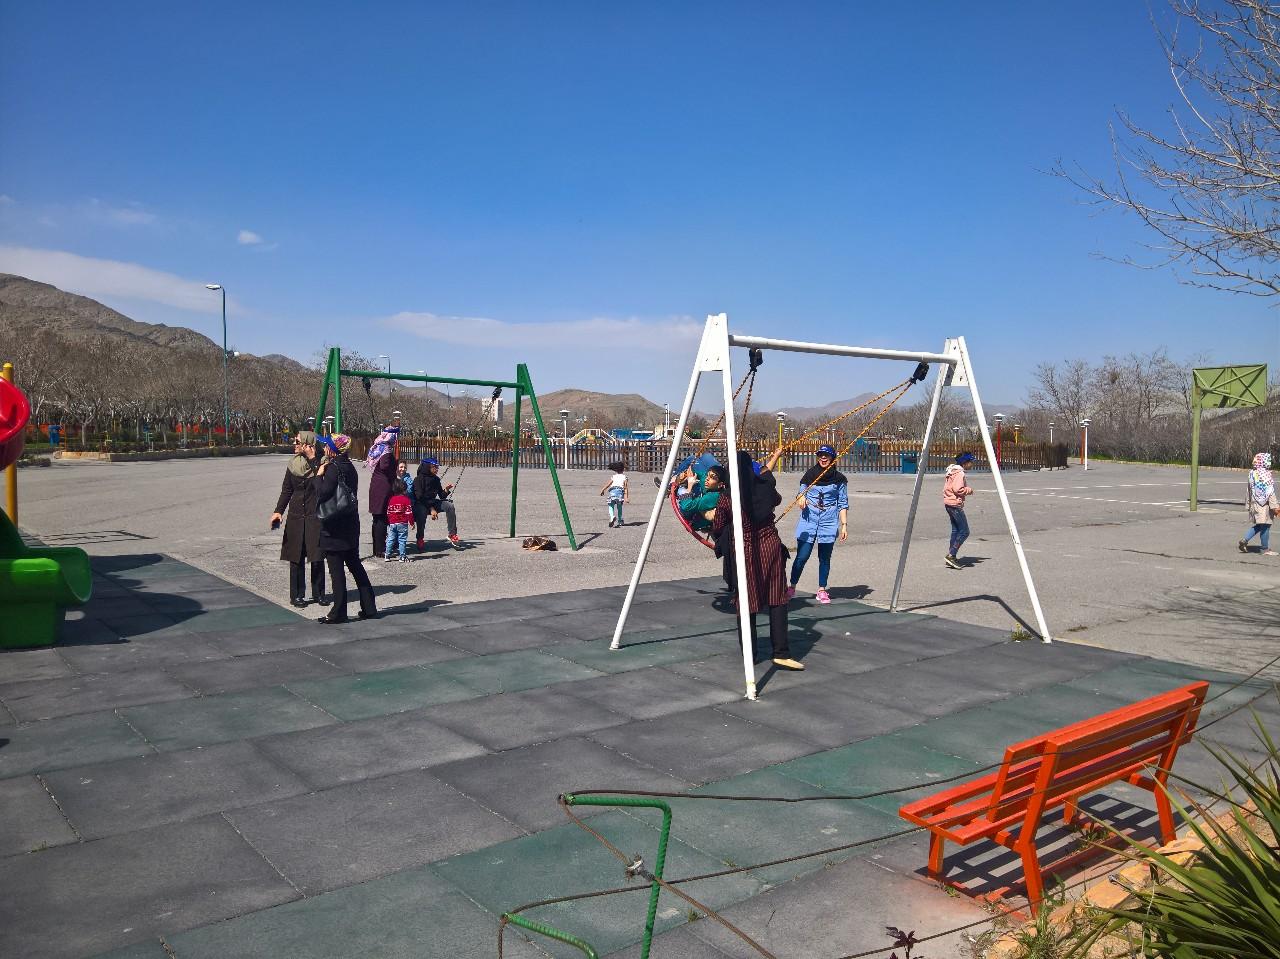 امروز هر چقدر میخواهید بازی کنید/ چند ساعتی از پارک رفتن محروم نیستی